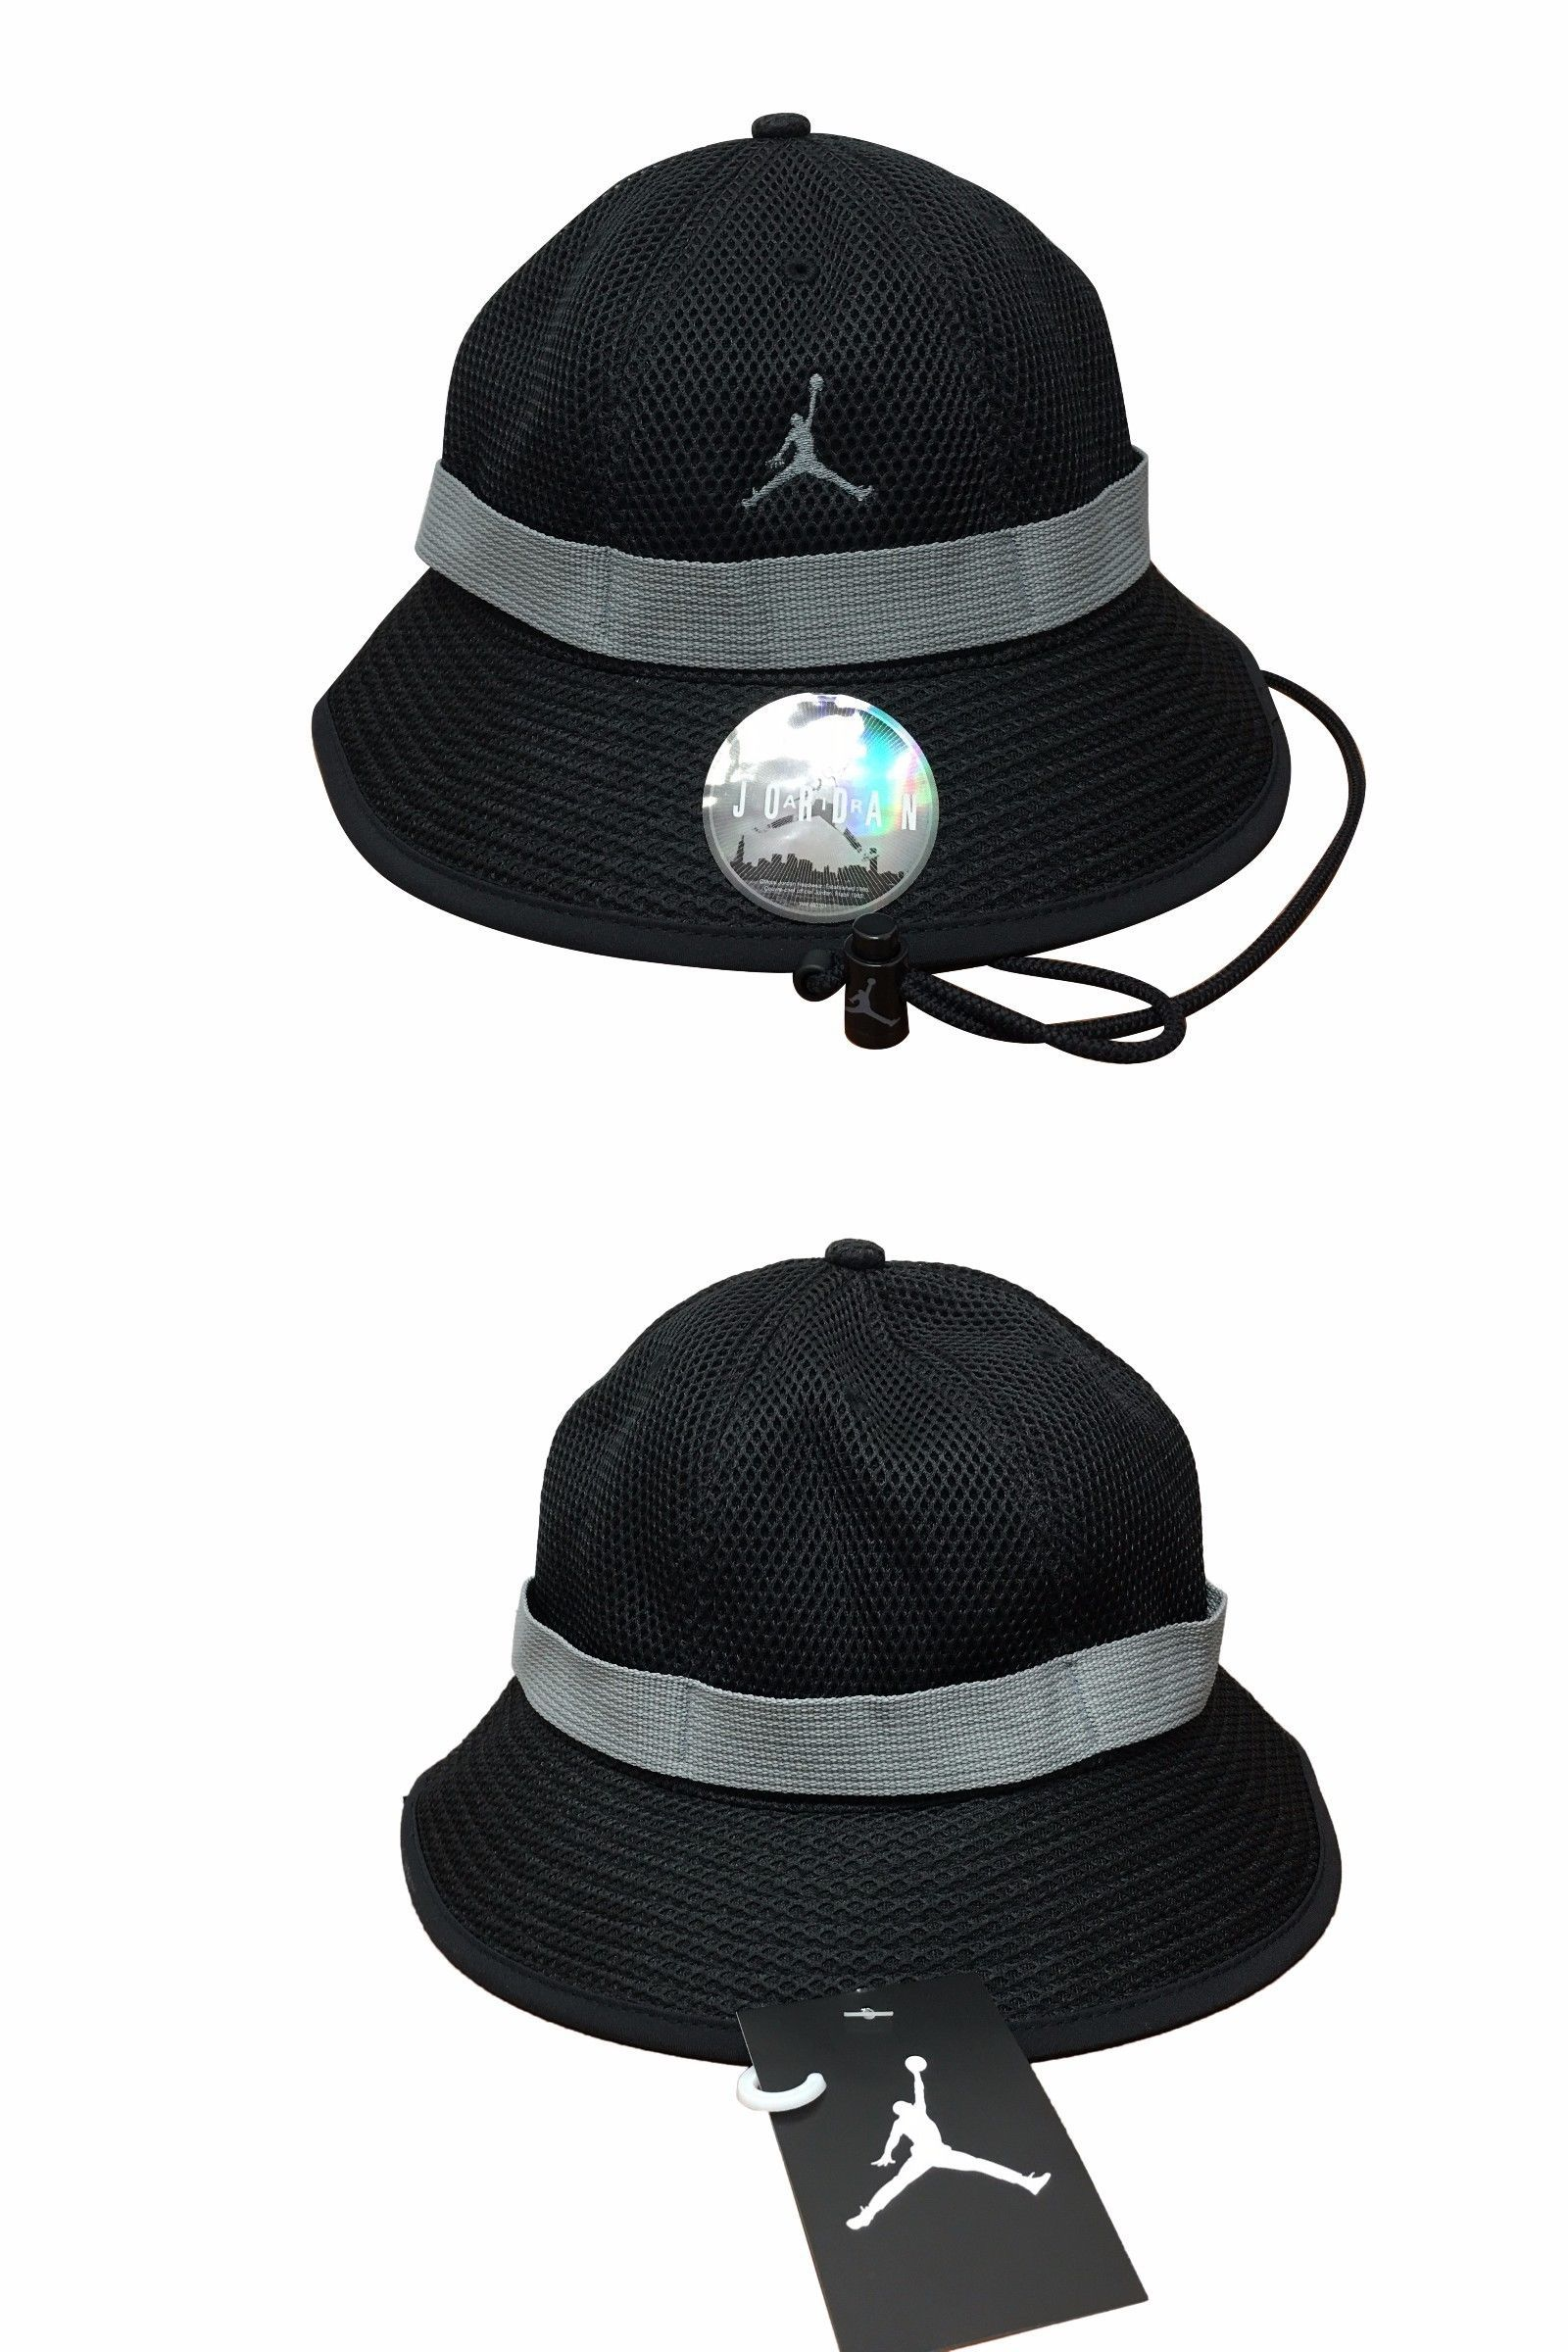 61735a2910f ... france hats 163543 jordan jumpman jersey net bucket hat black grey buy  it now ad7fd fca39